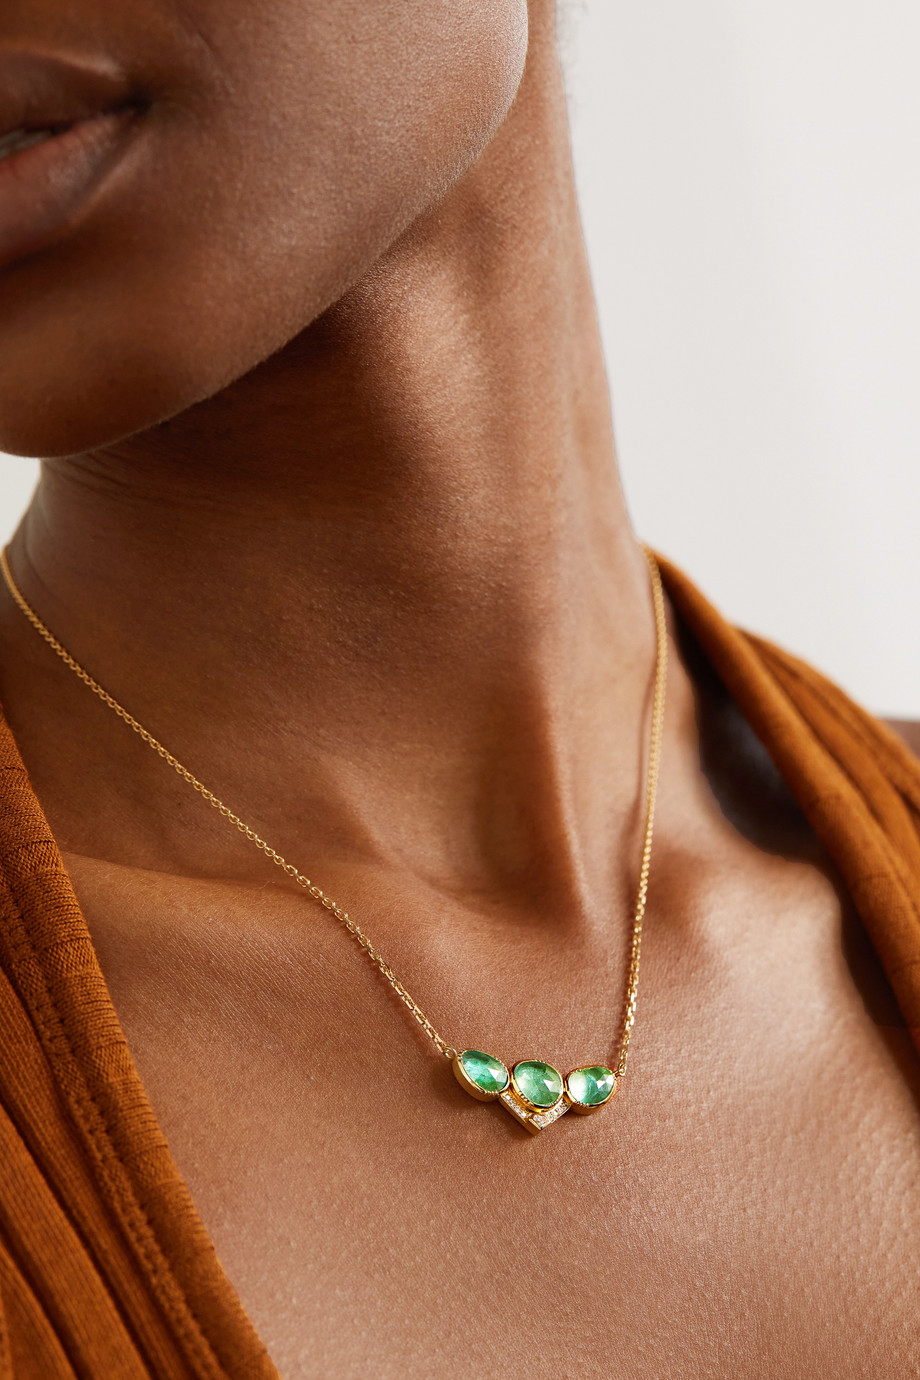 Brooke Gregson Orbit 3 Kette aus 18 Karat Gold mit Smaragden und Diamanten